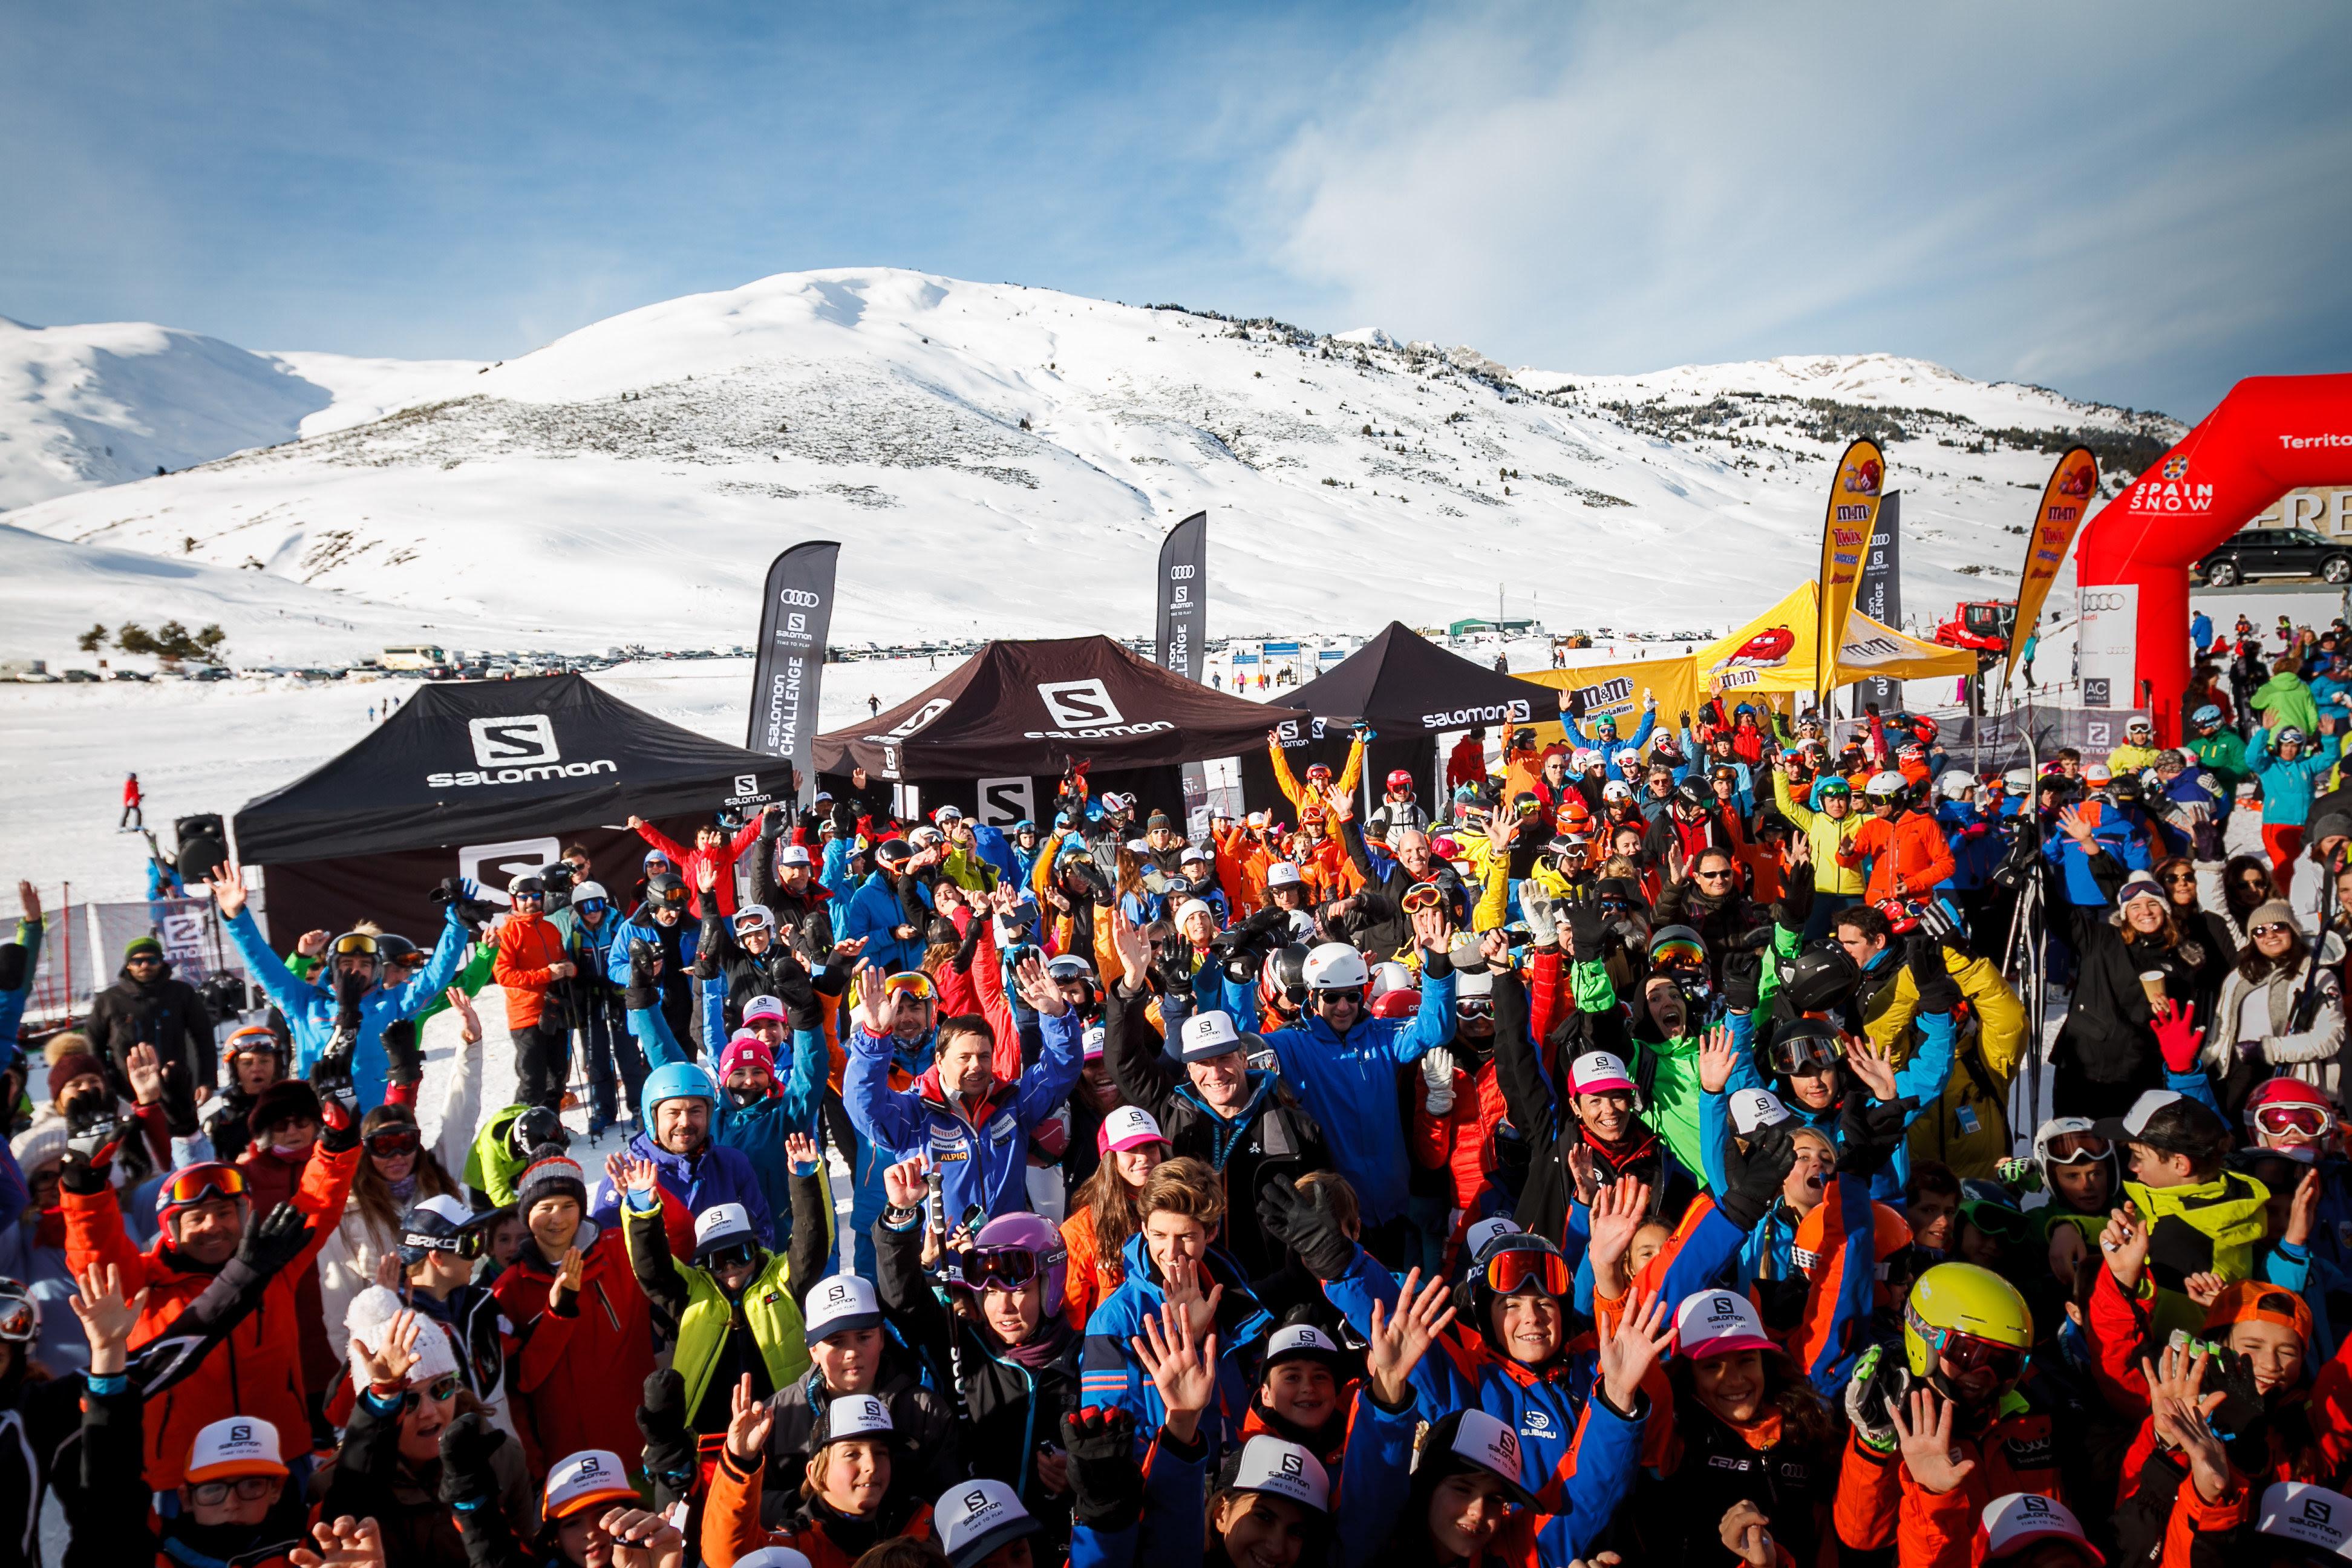 Esquí: Salomon Quest Challenge 2019 arranca en Baqueira Beret (29dic) y Masella (8ene). Competición popular por equipos.